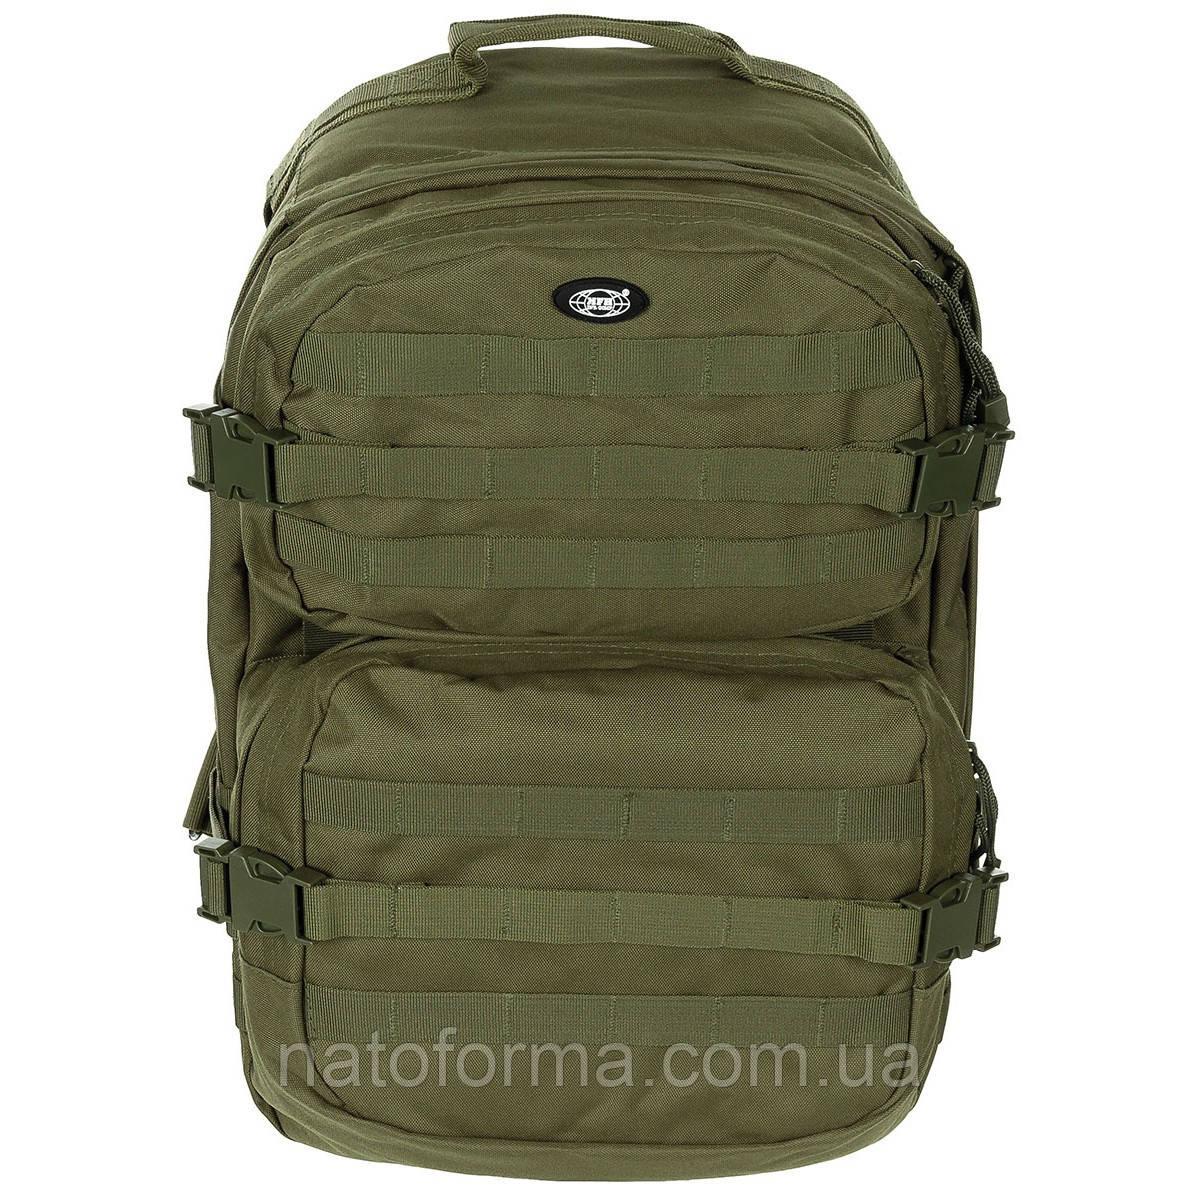 Рюкзак тактический, боевой Assault Pack II (MFH), Olive, система MOLLE, на 40 л